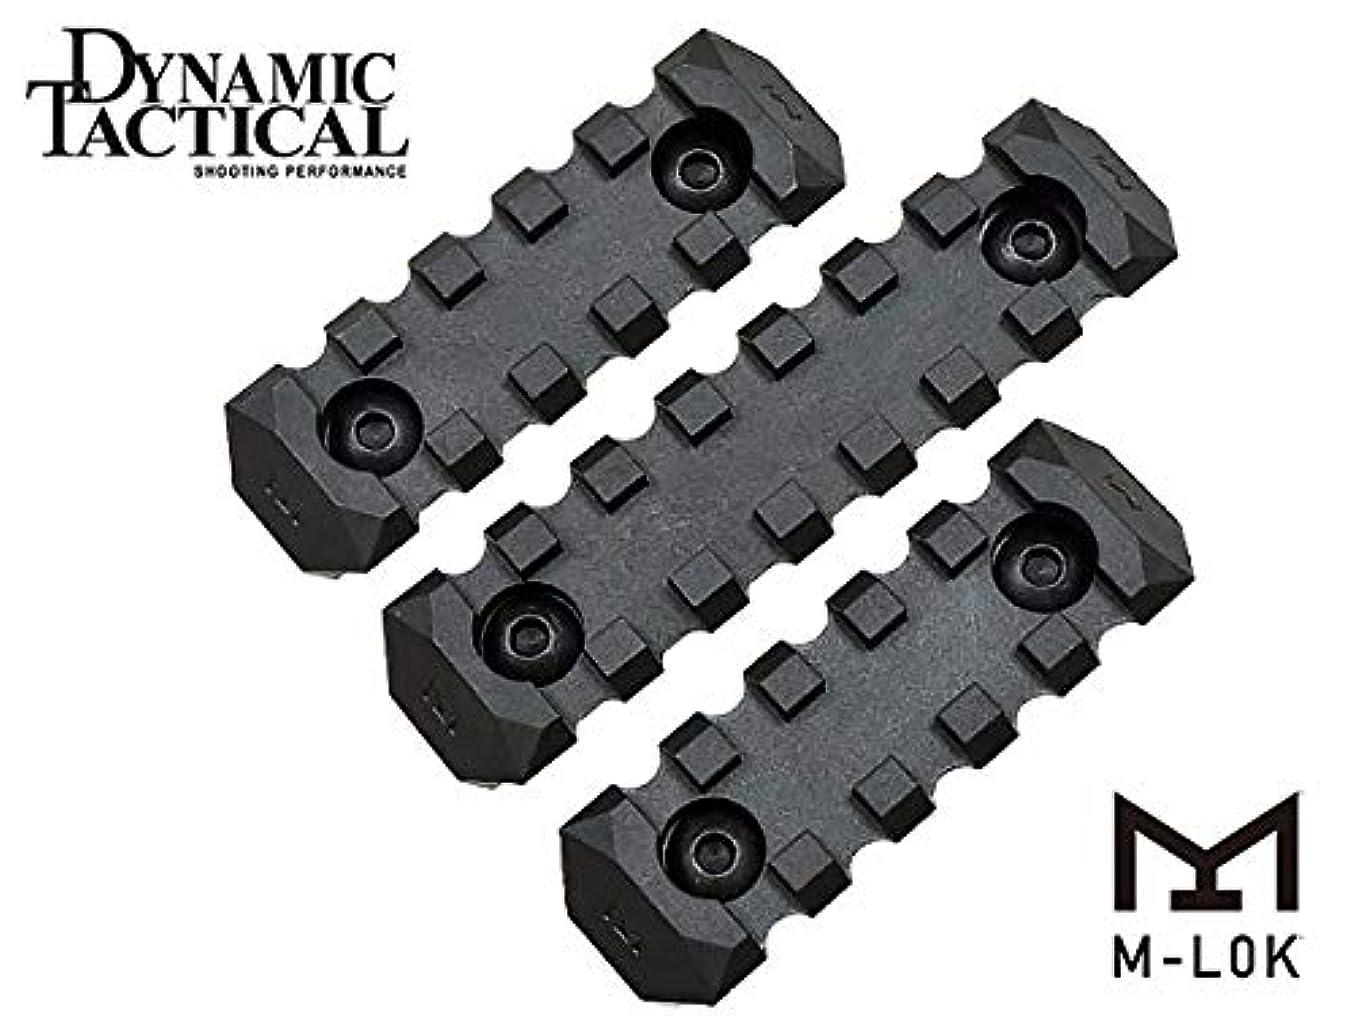 獲物寝室コークス軽量 DYTAC製 M-LOK ポリマー レイル セクション 2種3枚入 (5スロット×2 / 7スロット×1)